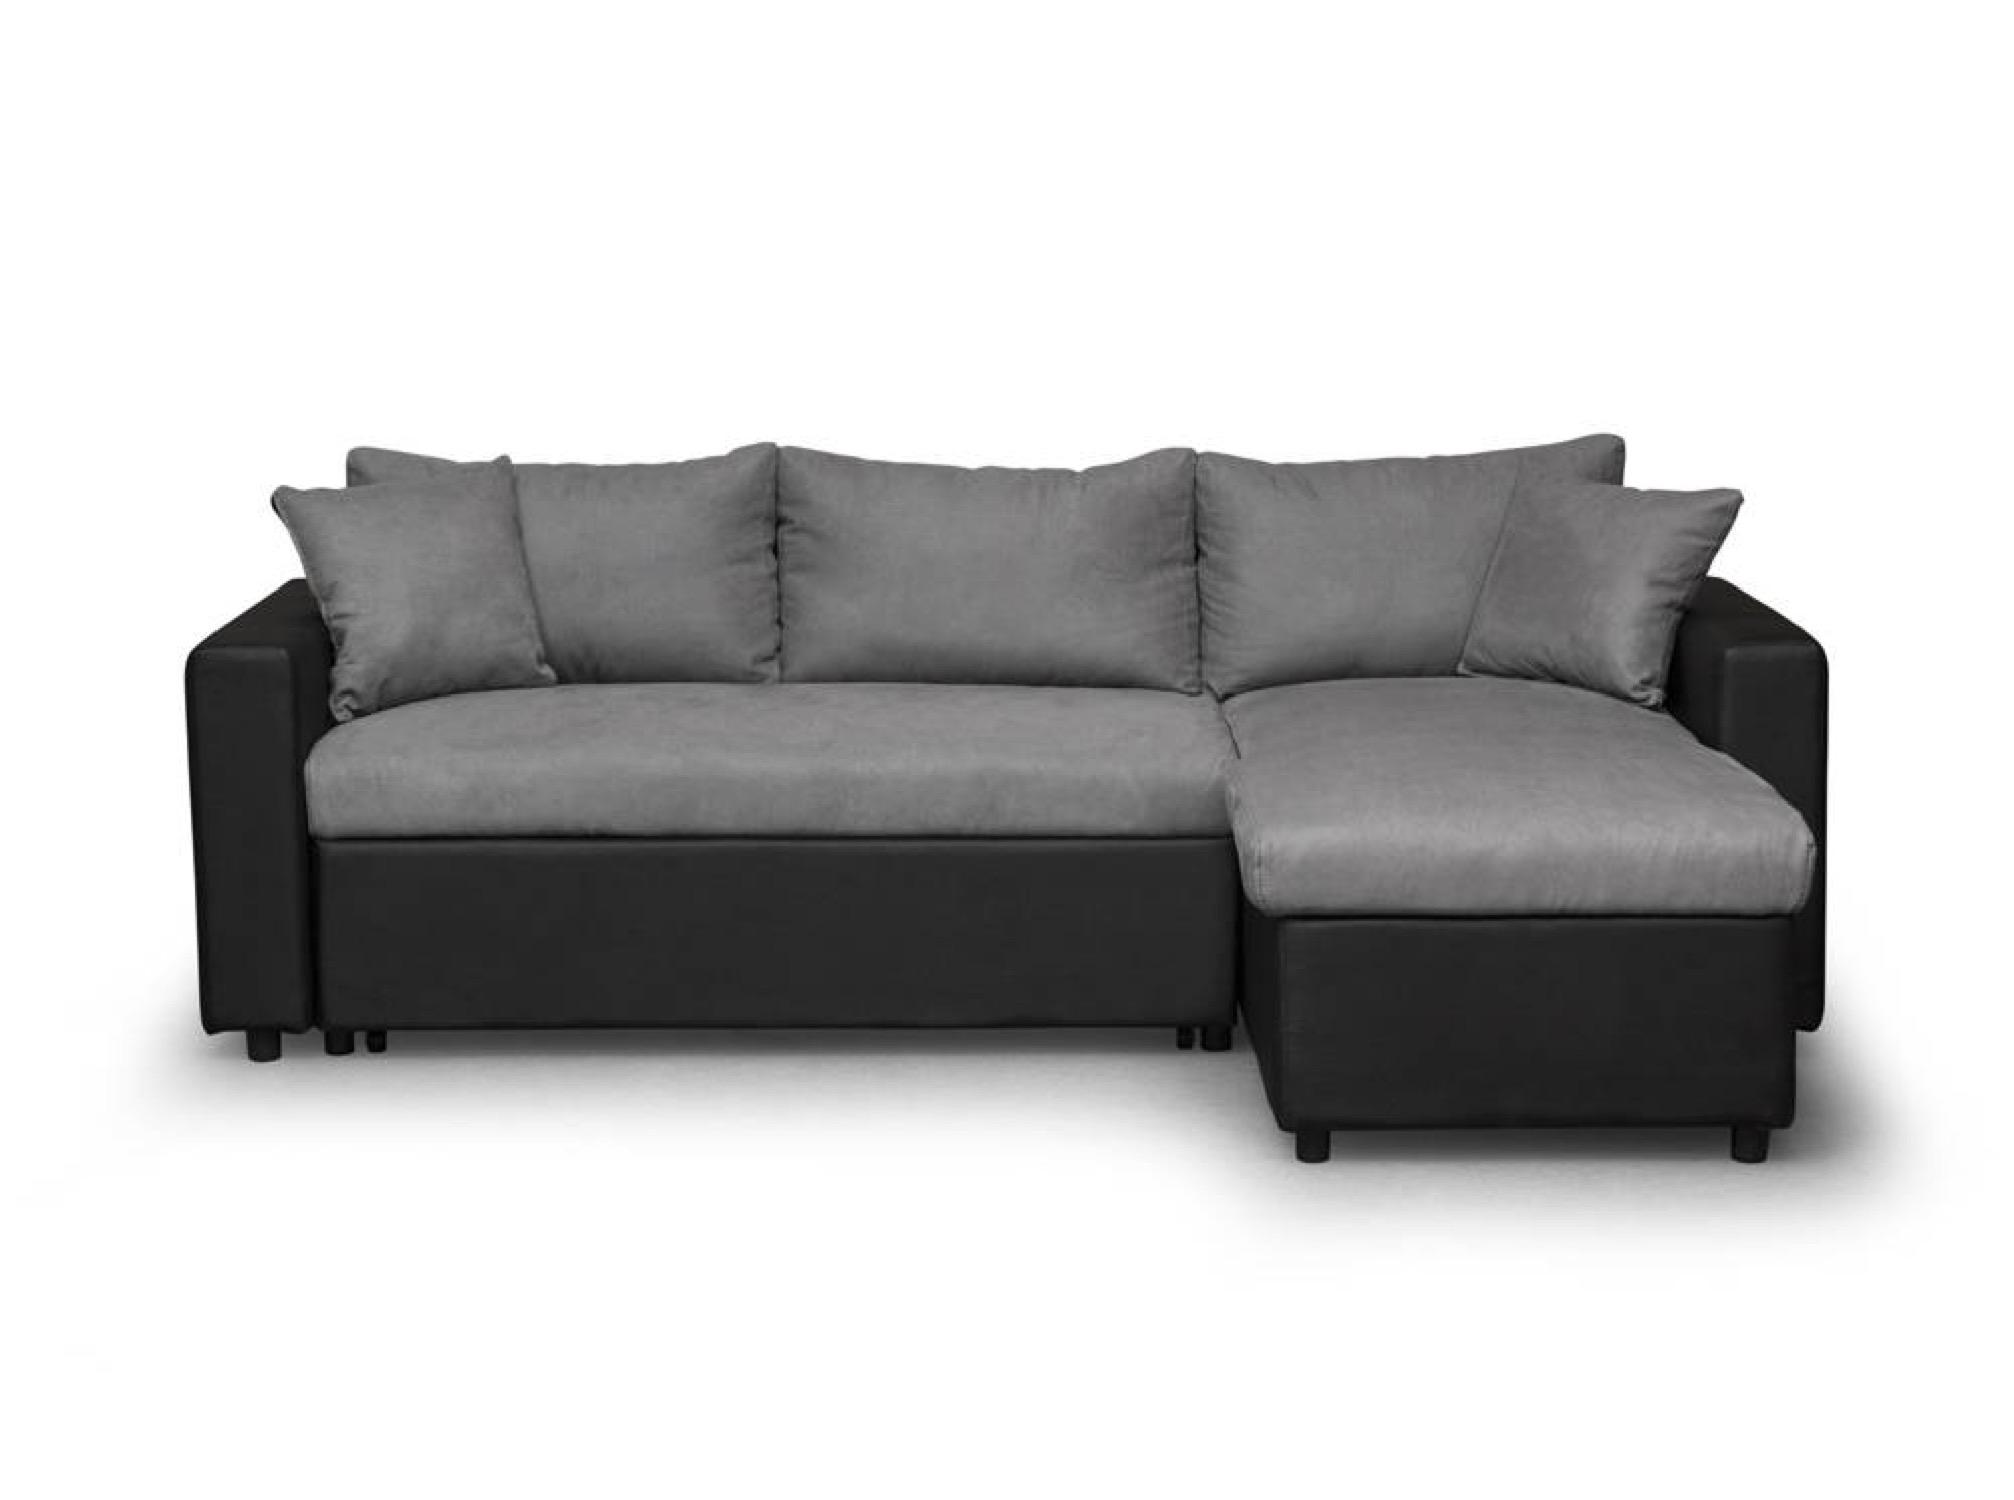 Canapé d'angle réversible et convertible avec coffre noir/gris